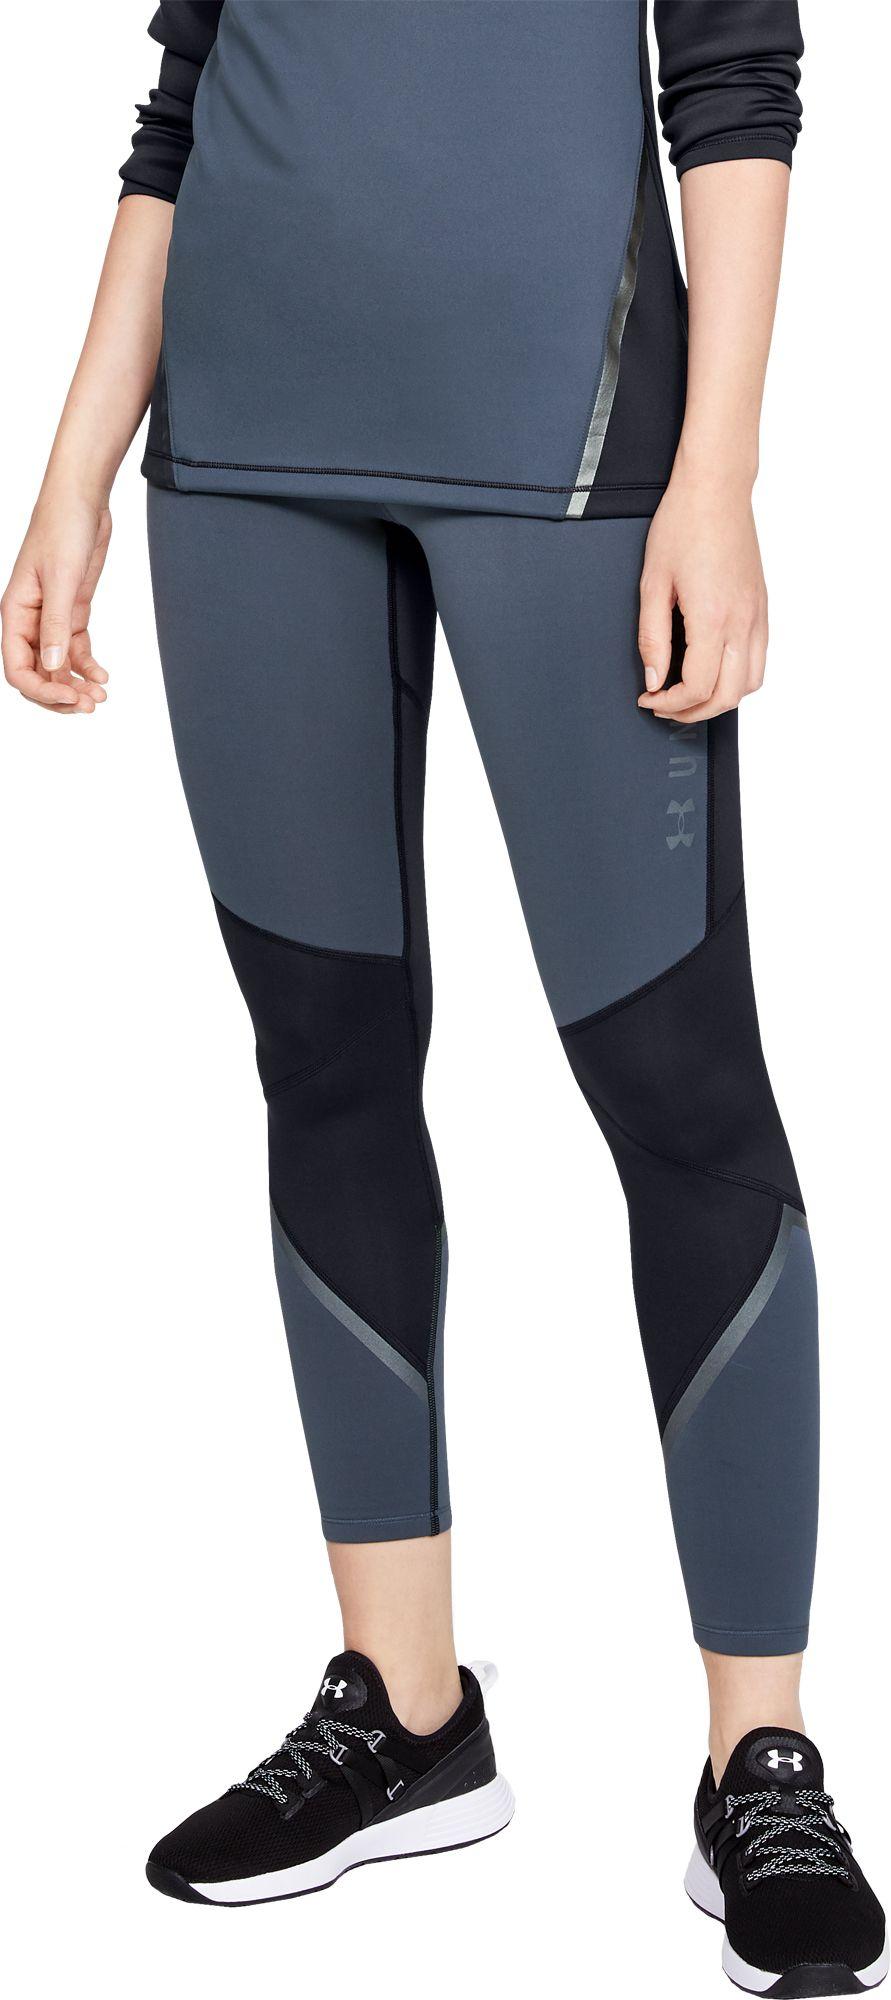 Under Armour Women's ColdGear Armour Graphic Leggings, Small, Downpour Gray/Black